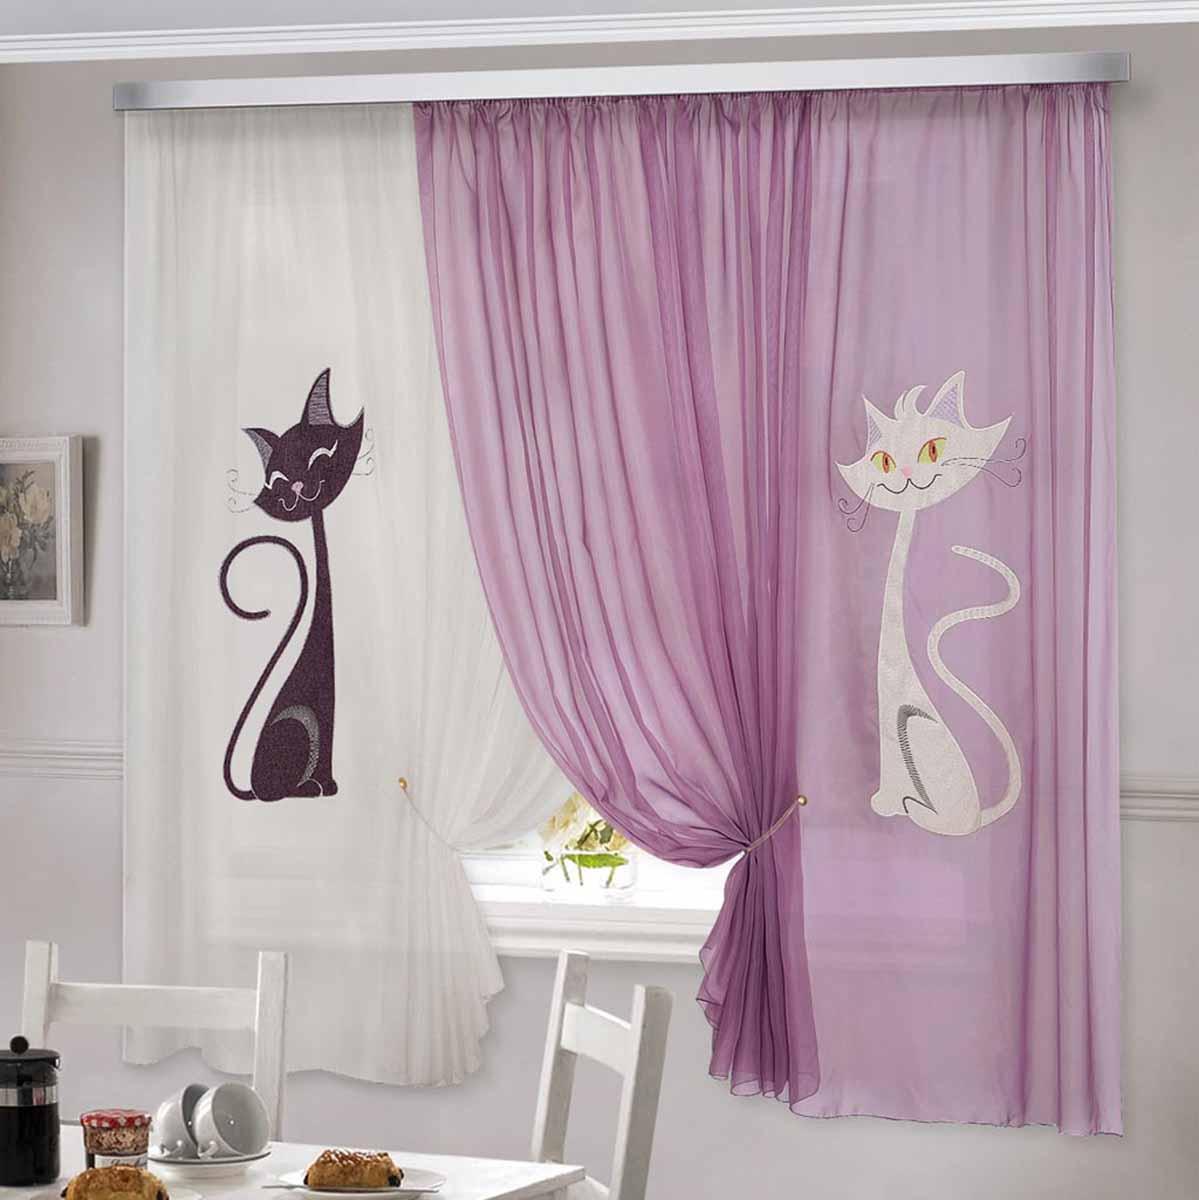 Комплект штор ТД Текстиль Кэти, на ленте, цвет: сиреневый, белый, высота 180 см106-026Шторы выполнены из вуалевого полотна с аппликацией в виде кошек. Стирать аккуратно, не более 30-40 градусов. Цвета в ассортименте.